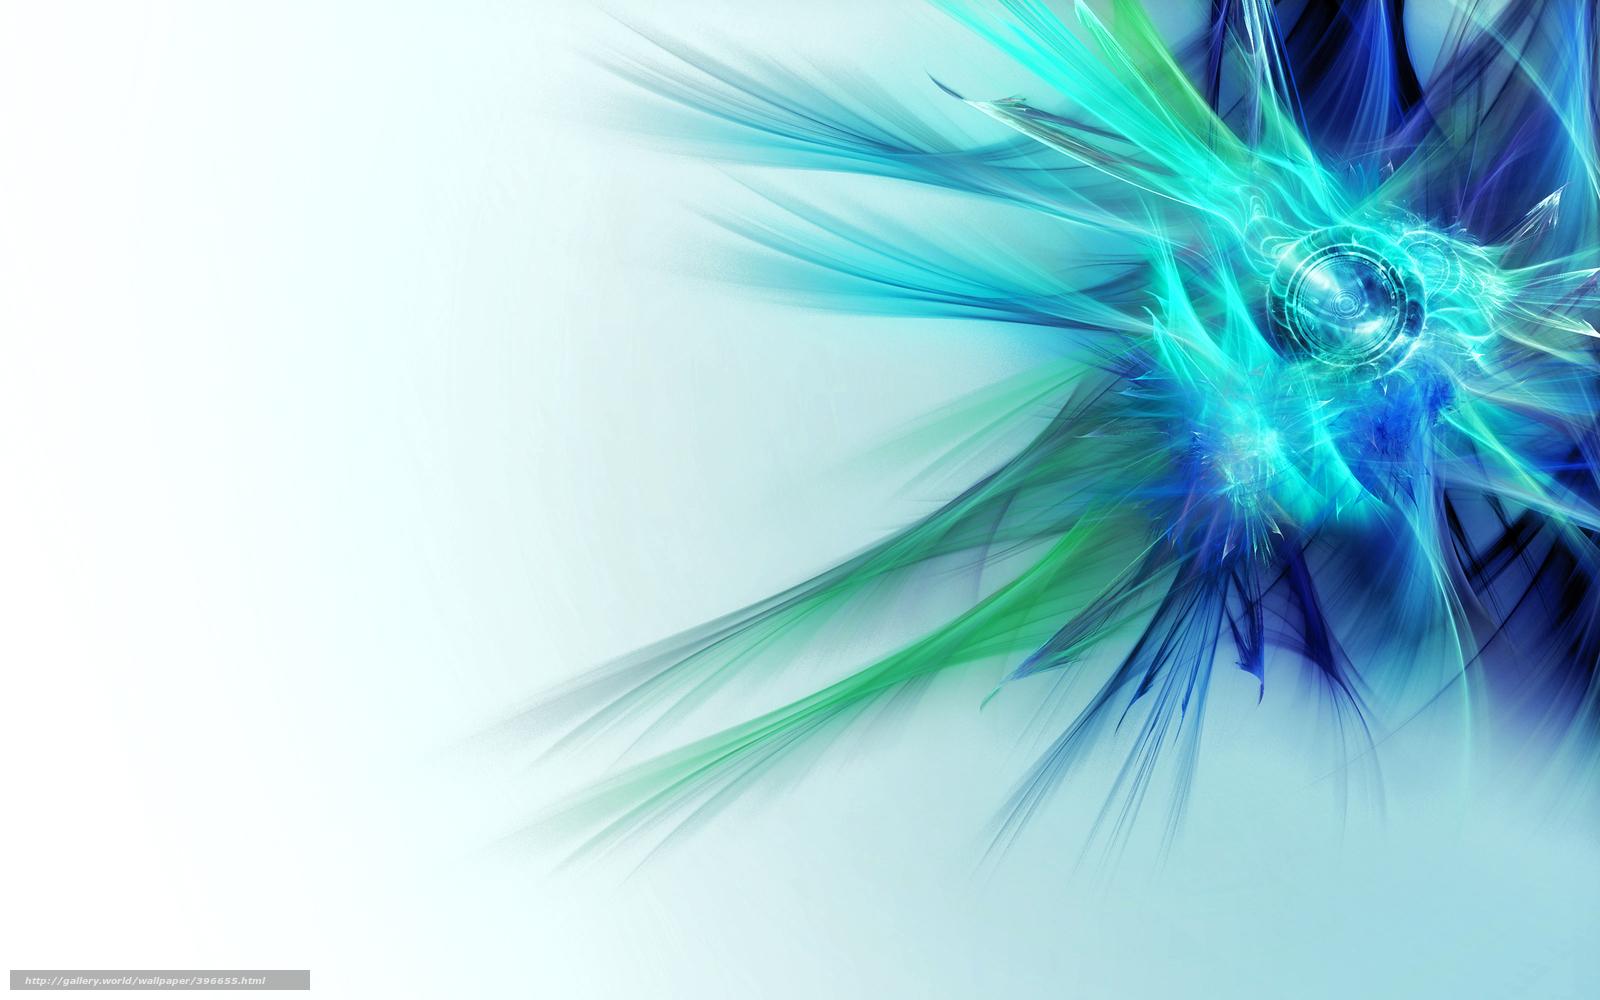 Tlcharger fond d 39 ecran lumire couleur bleu turquoise for Image fond de bureau